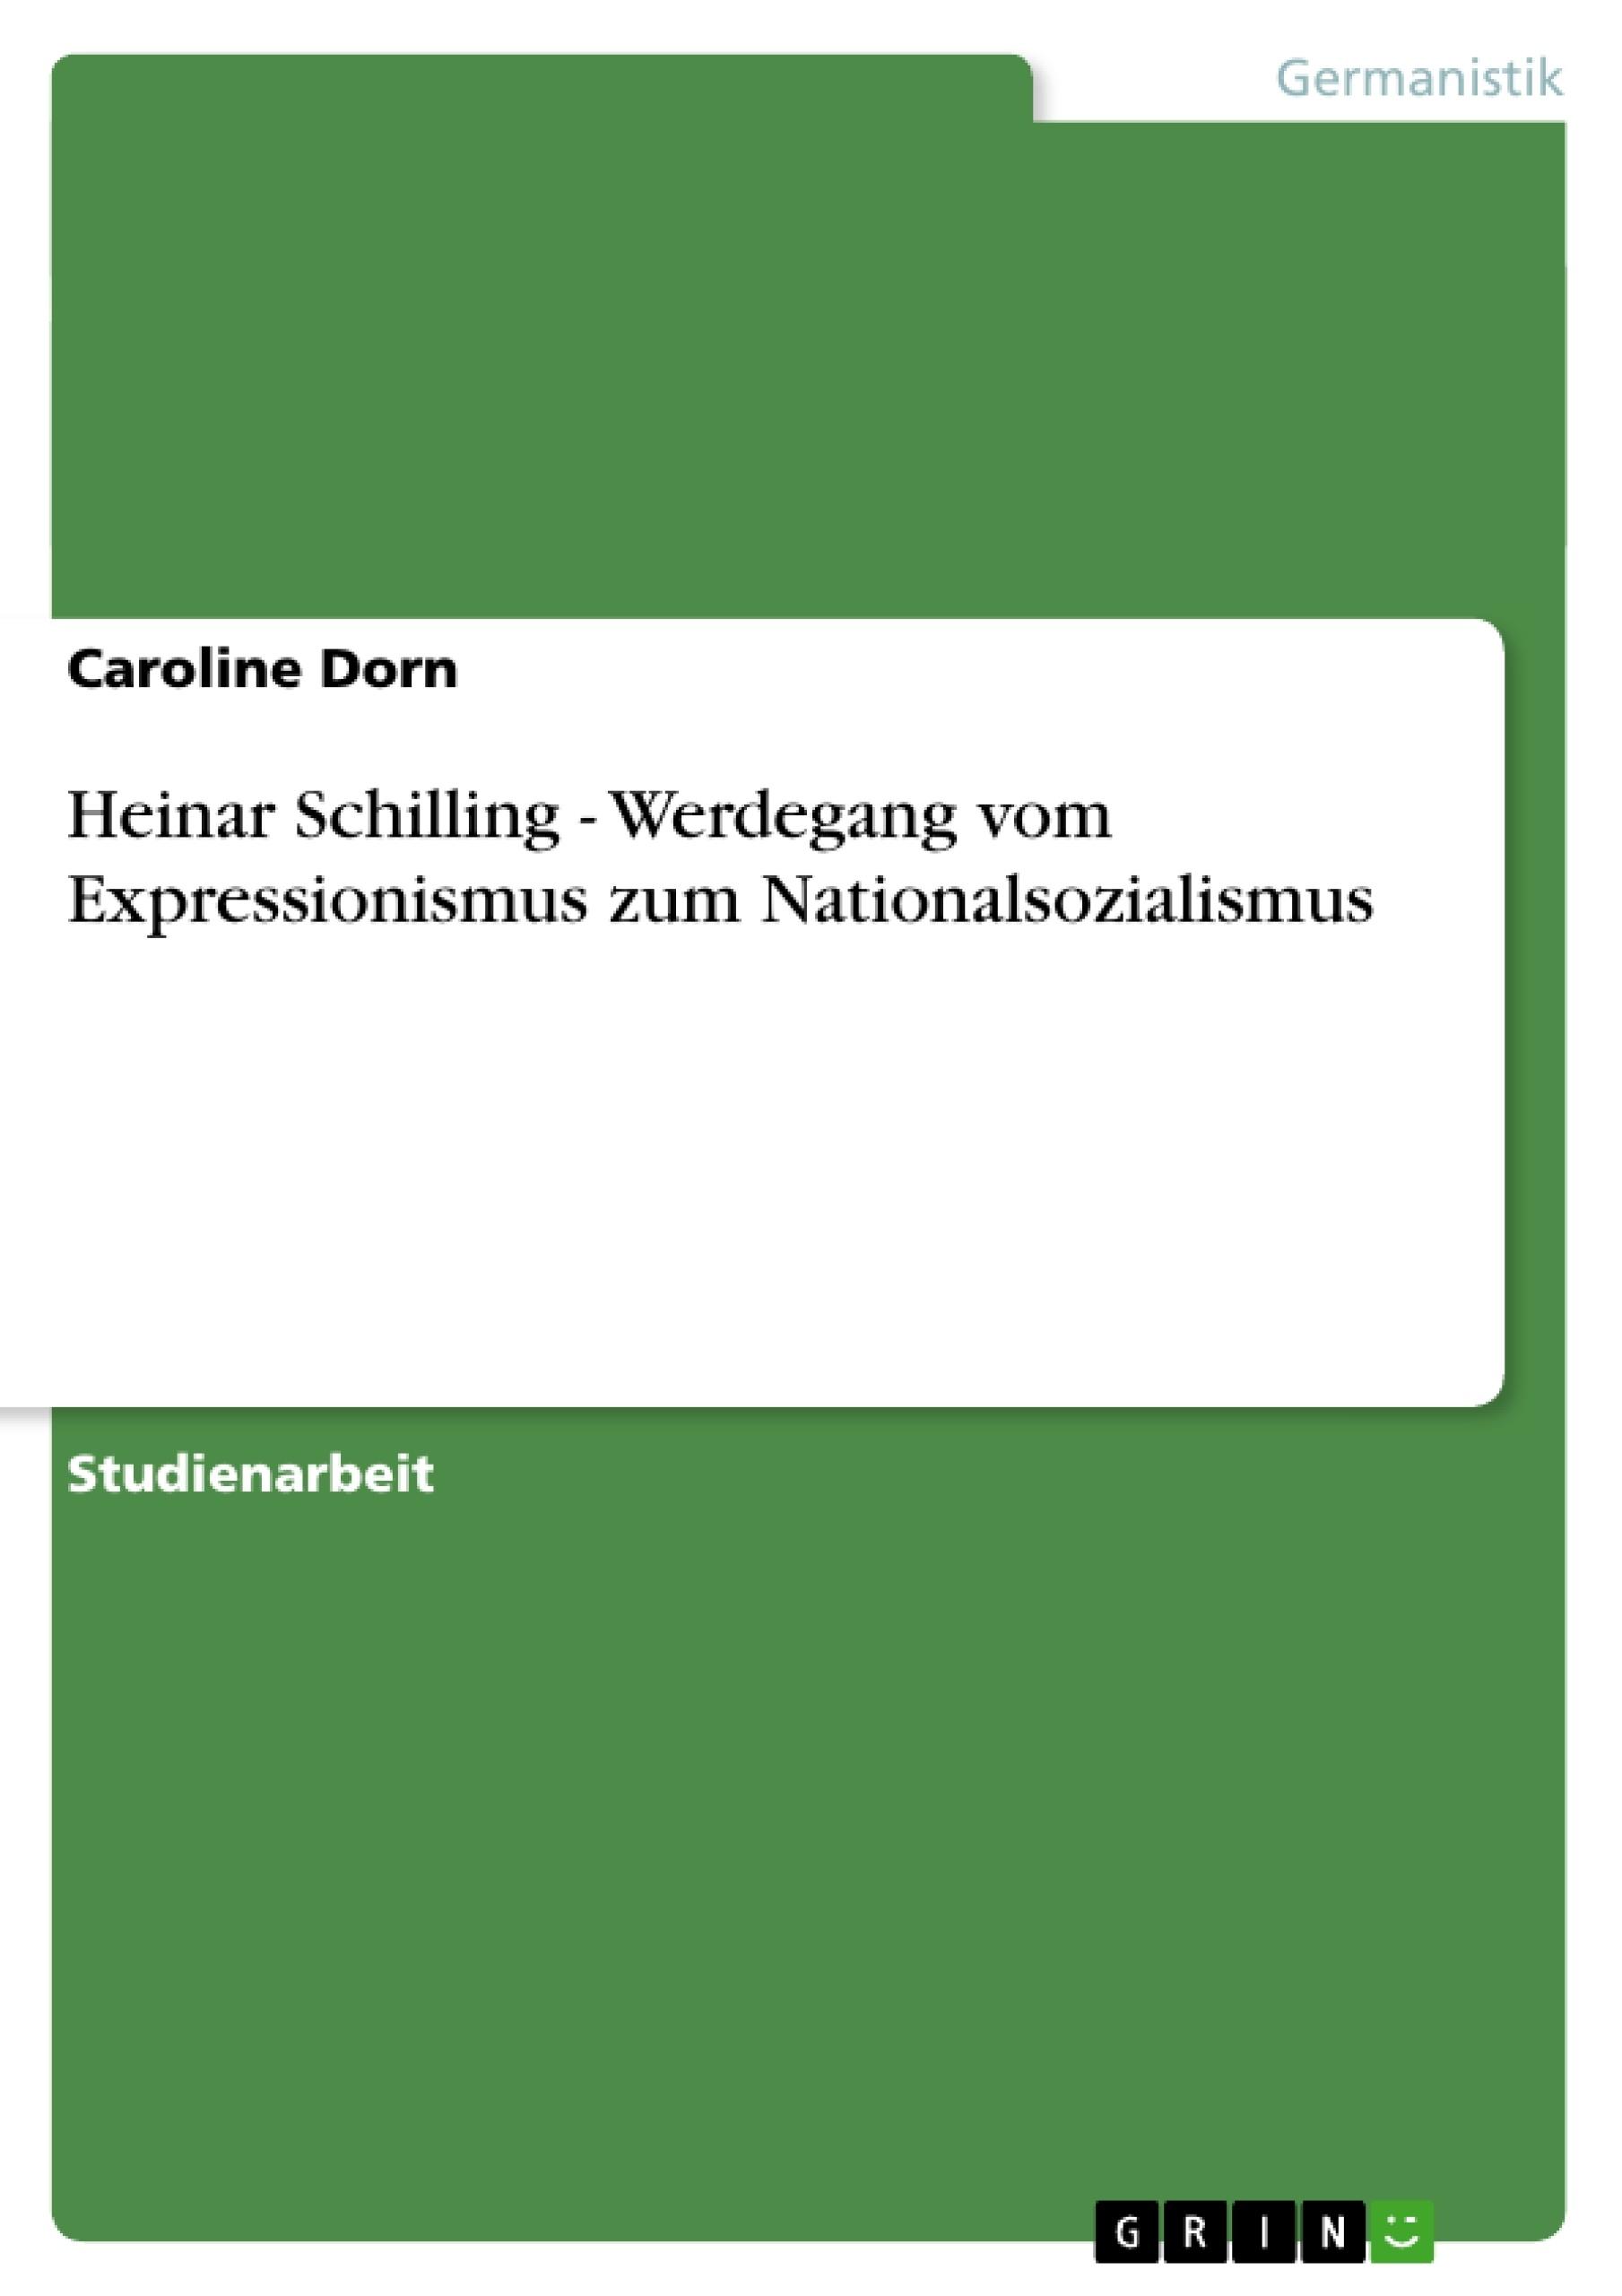 Titel: Heinar Schilling - Werdegang vom Expressionismus zum Nationalsozialismus